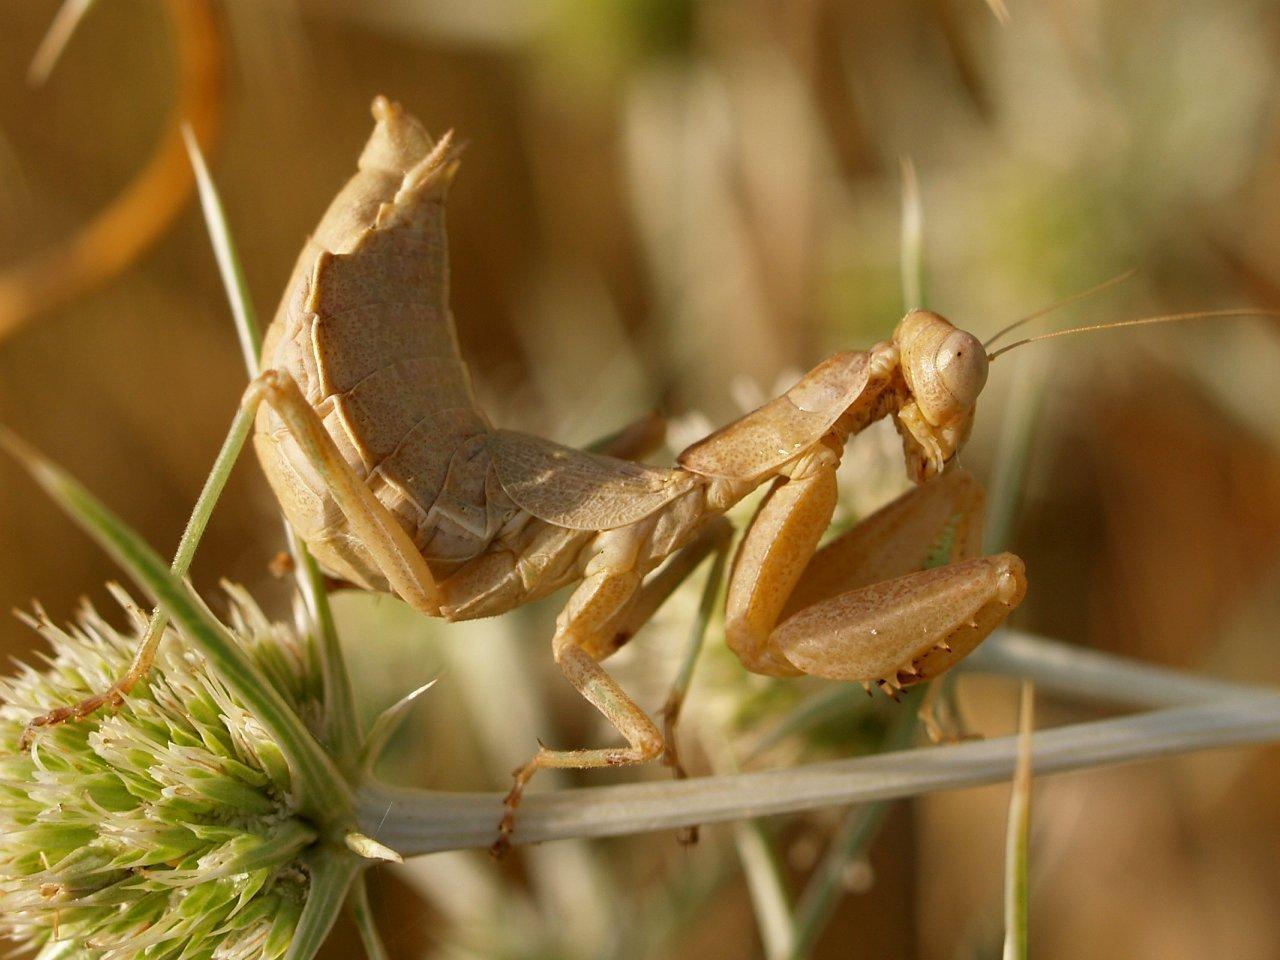 Image of European Dwarf Mantis